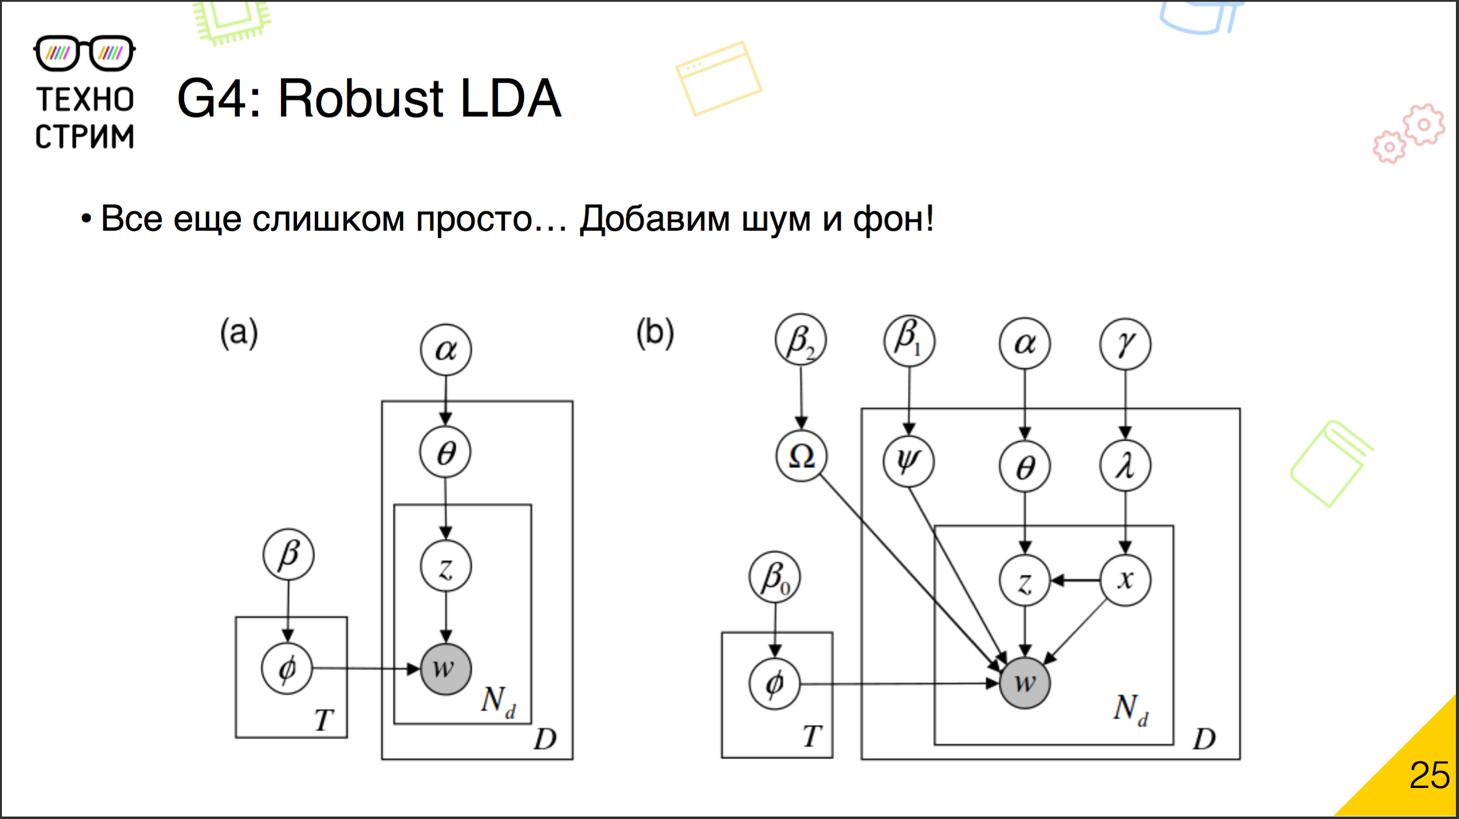 Обработка текстов на естественных языках - 12